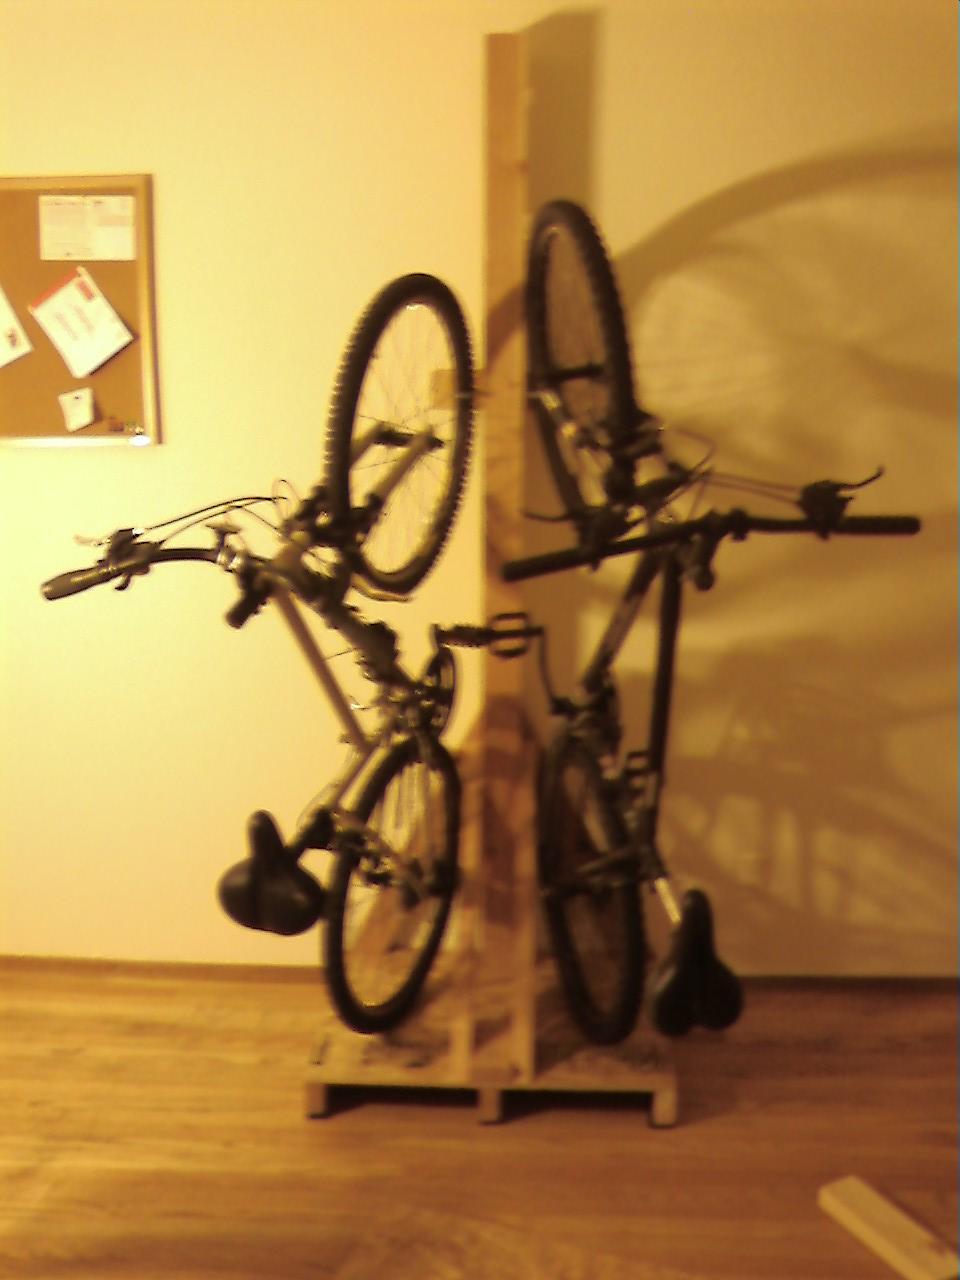 Bike Tree v2.0 for $10 or less